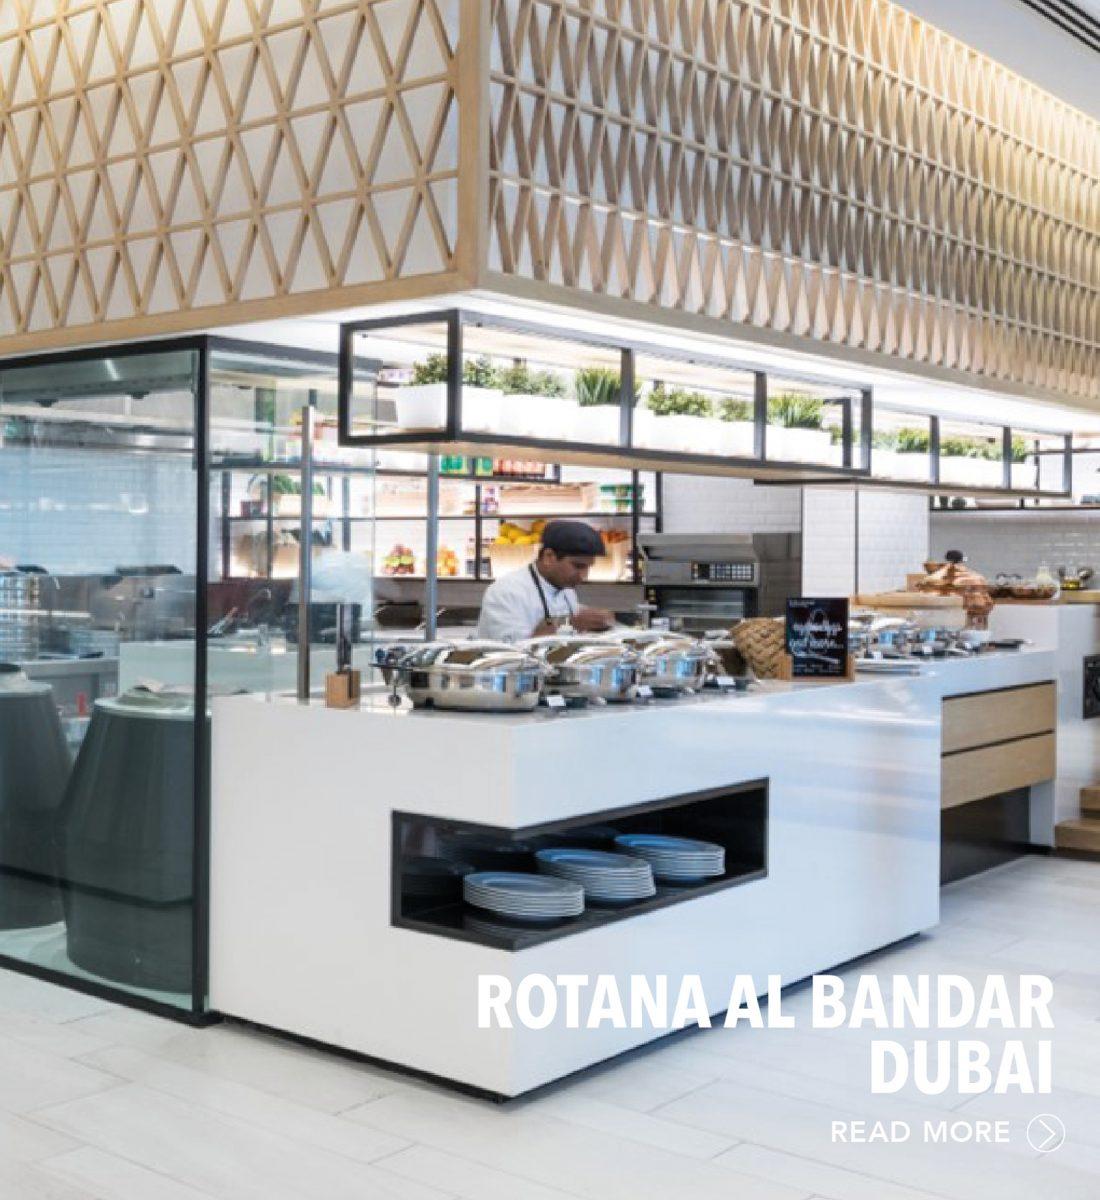 Rotana-Al-Bandar-Dubai.jpg